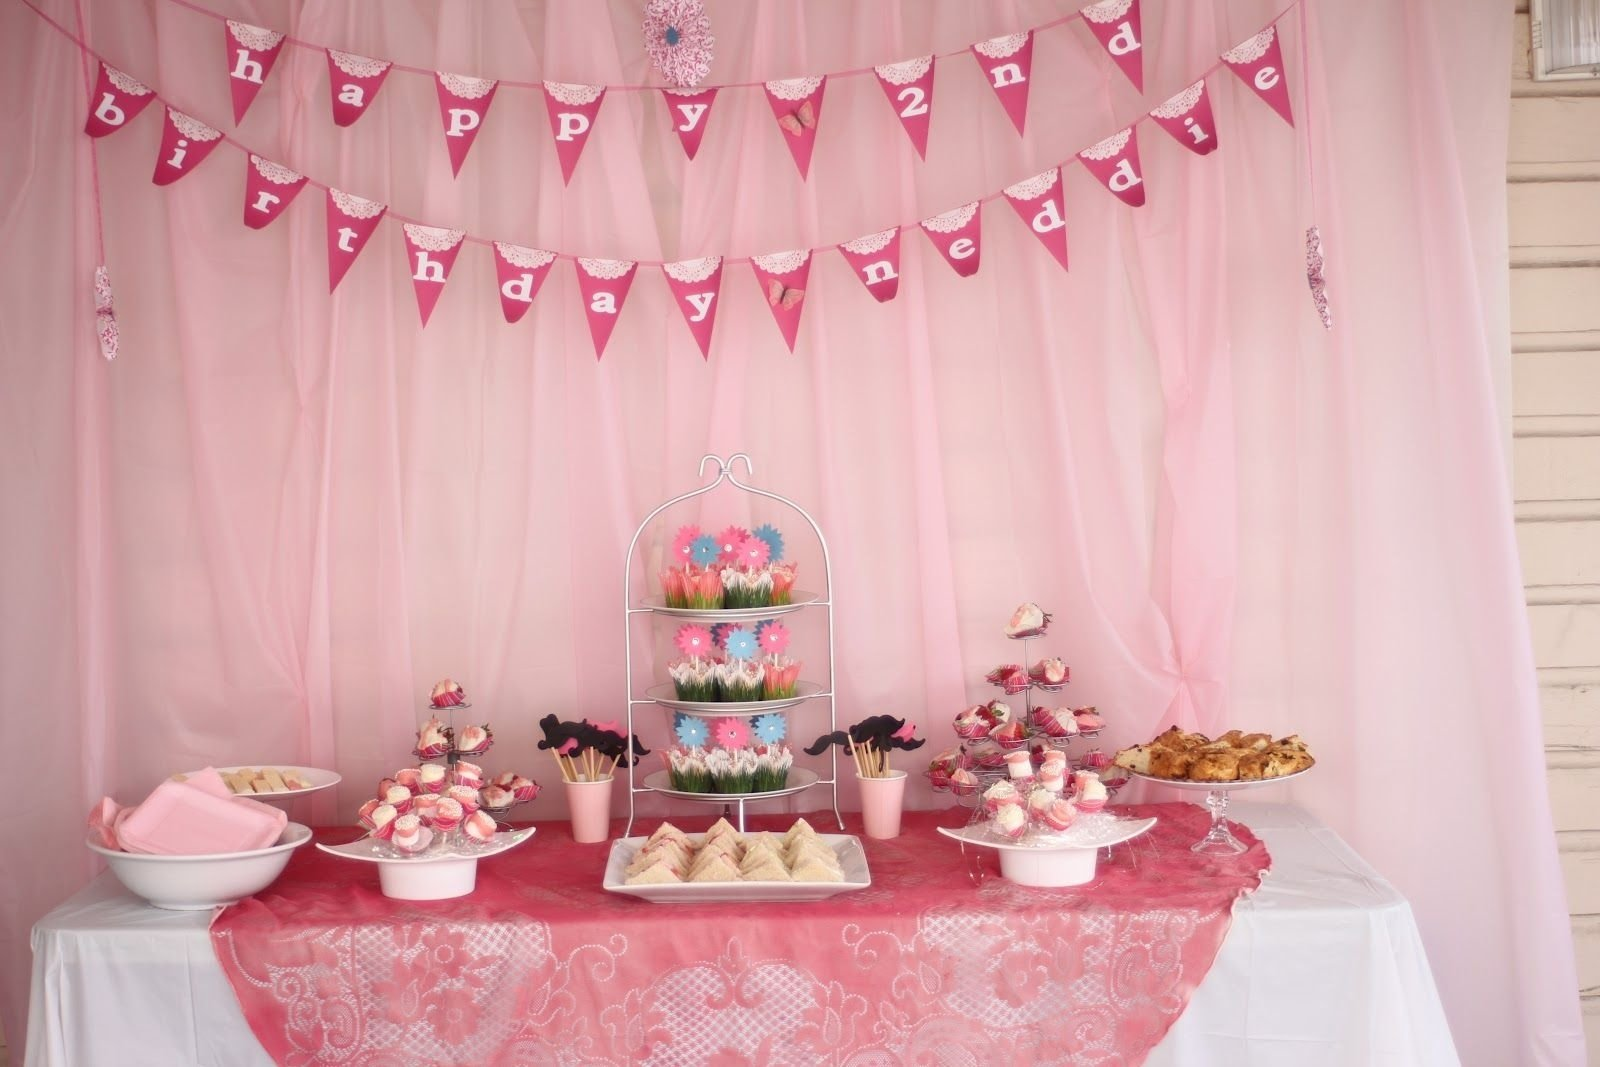 10 Wonderful 2 Year Old Girl Birthday Ideas two year old birthday ideas girl home design ideas 2020